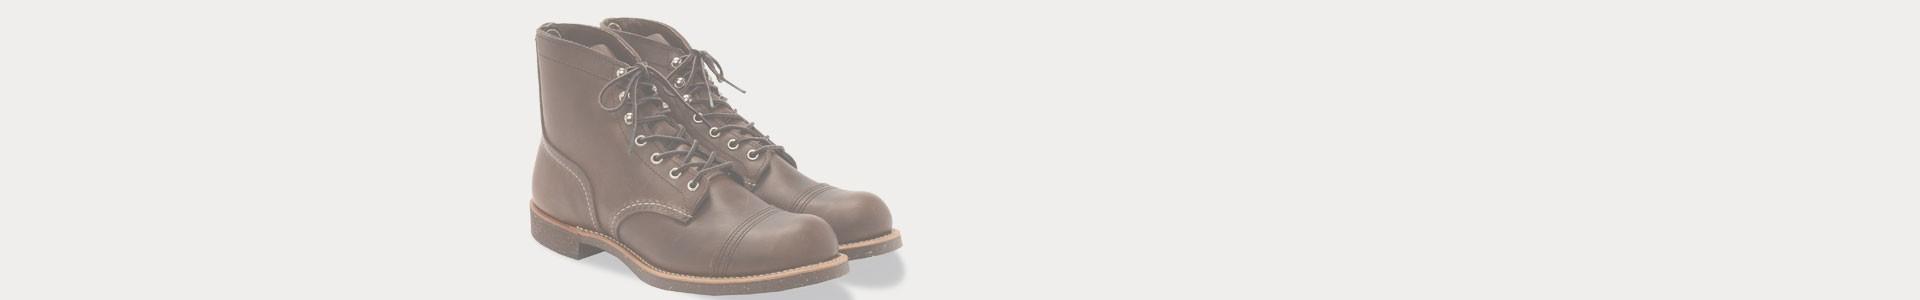 Stiefel für Männer online | Jetzt bei AnyGivenSunday.Shop